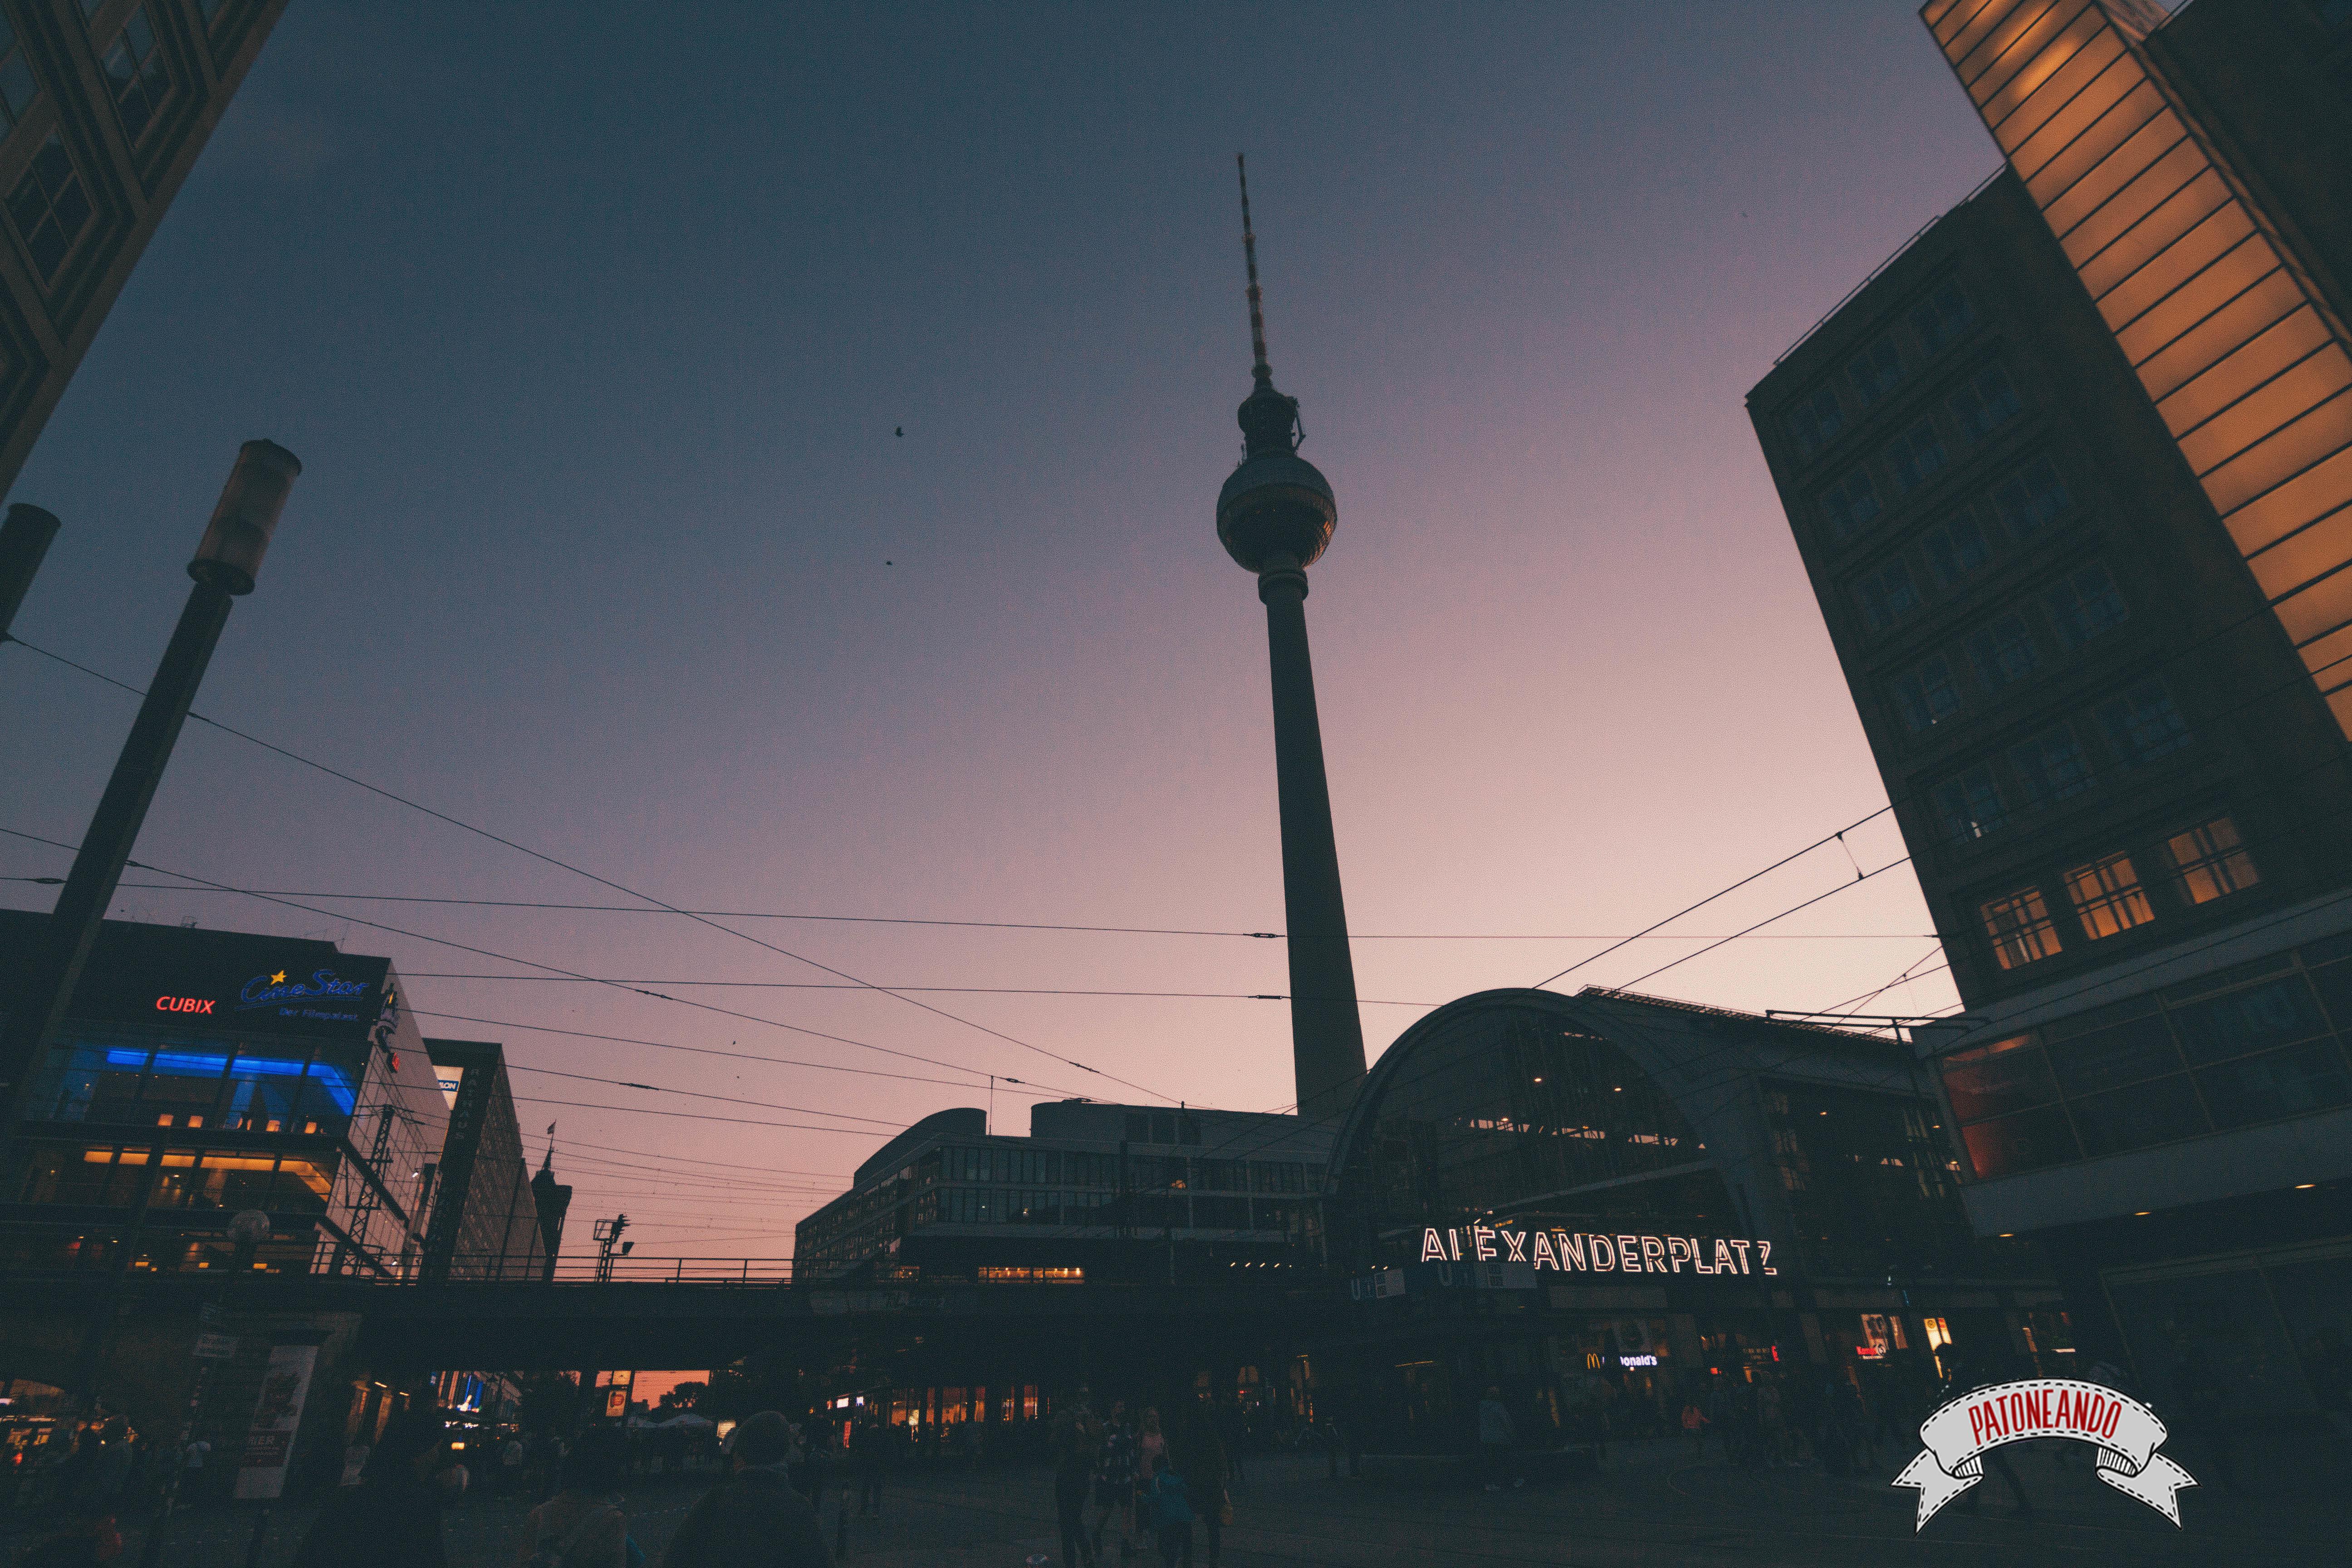 que ver y que hacer en Berlín - Alexander Platz - Patoneando blog de viajes (5)